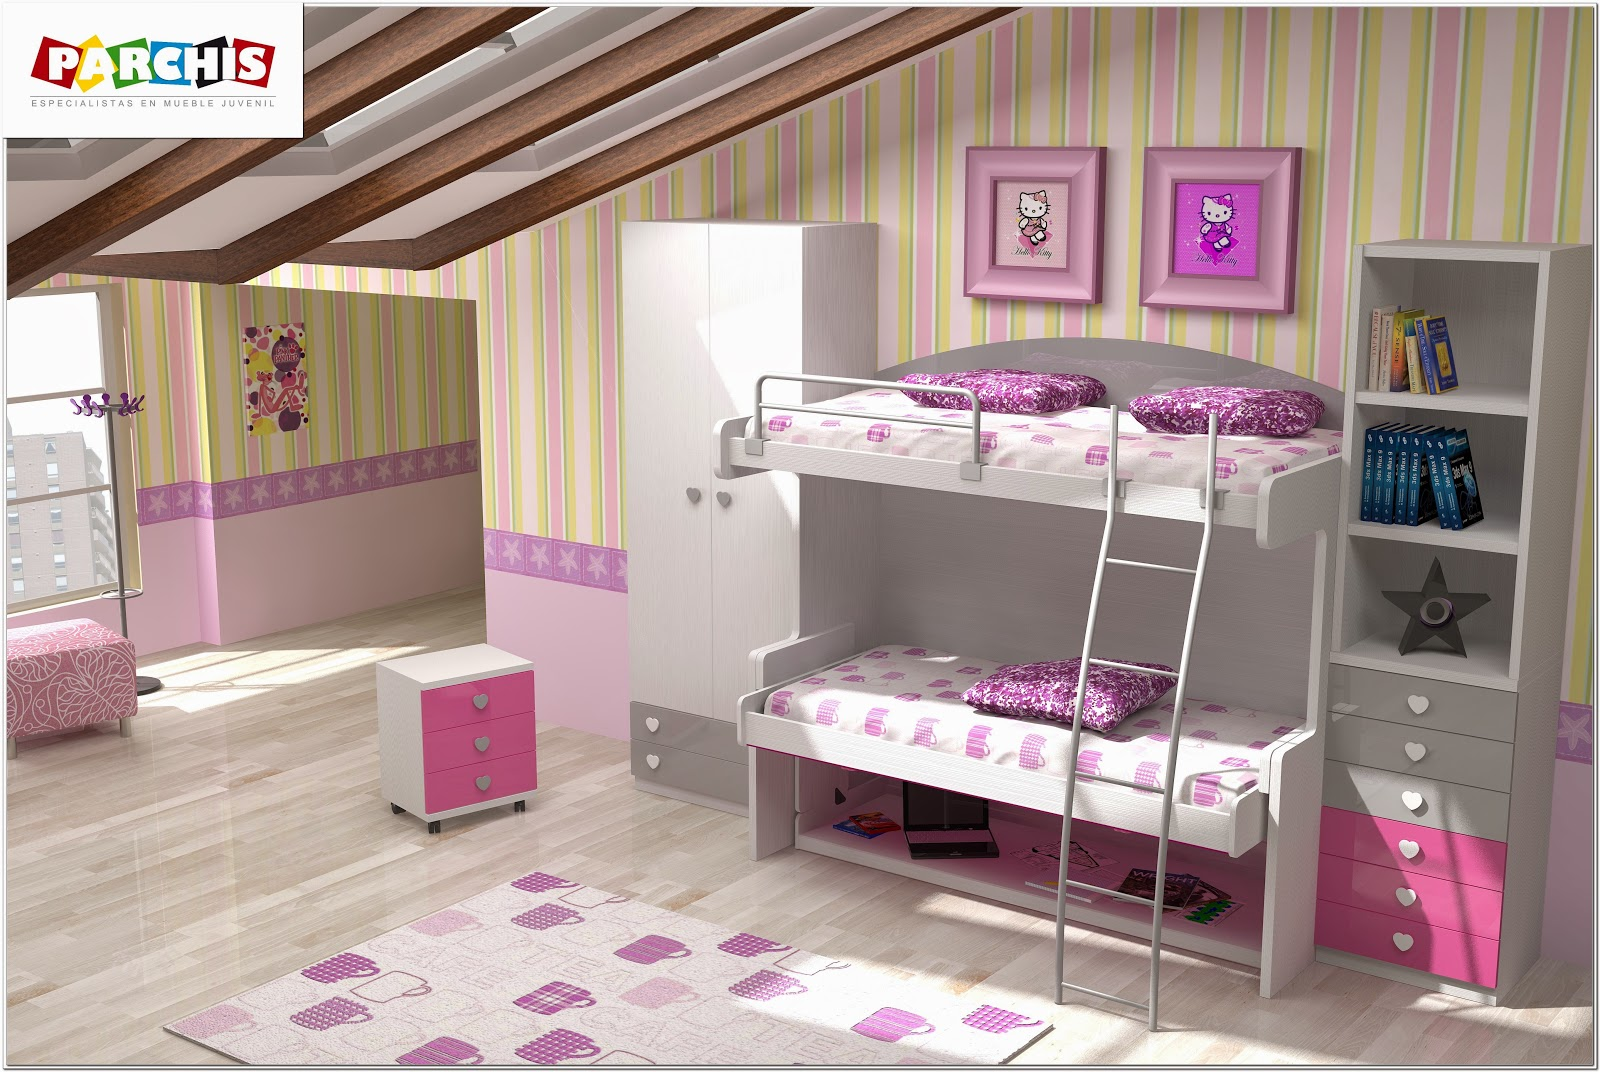 Muebles juveniles dormitorios infantiles y habitaciones - Dibujos habitaciones infantiles ...